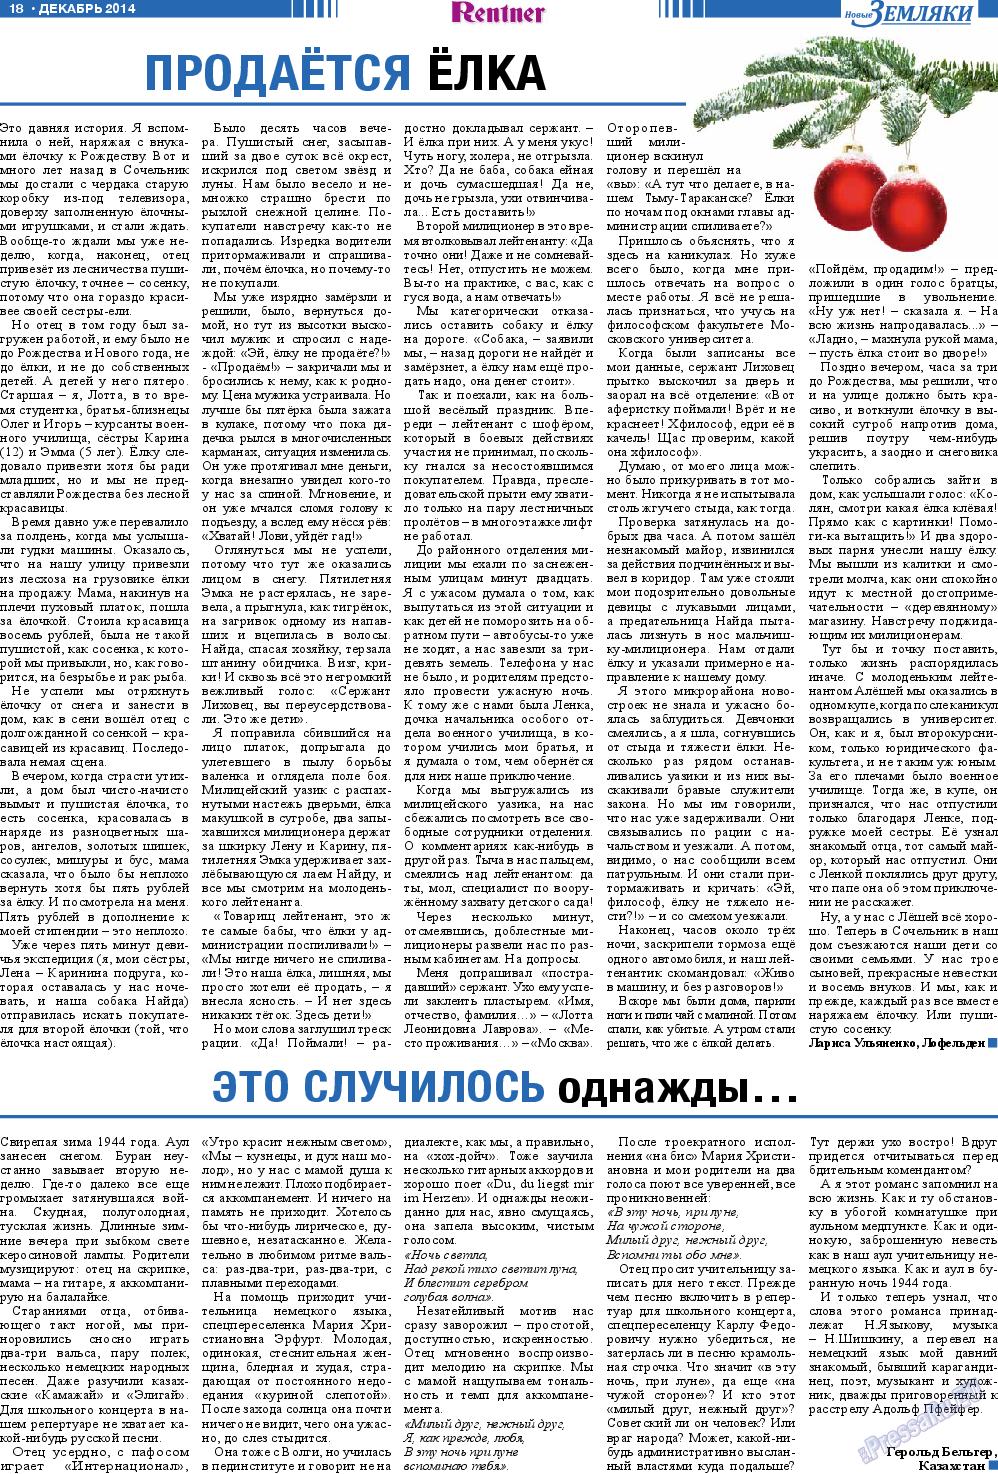 Новые Земляки (газета). 2014 год, номер 12, стр. 18